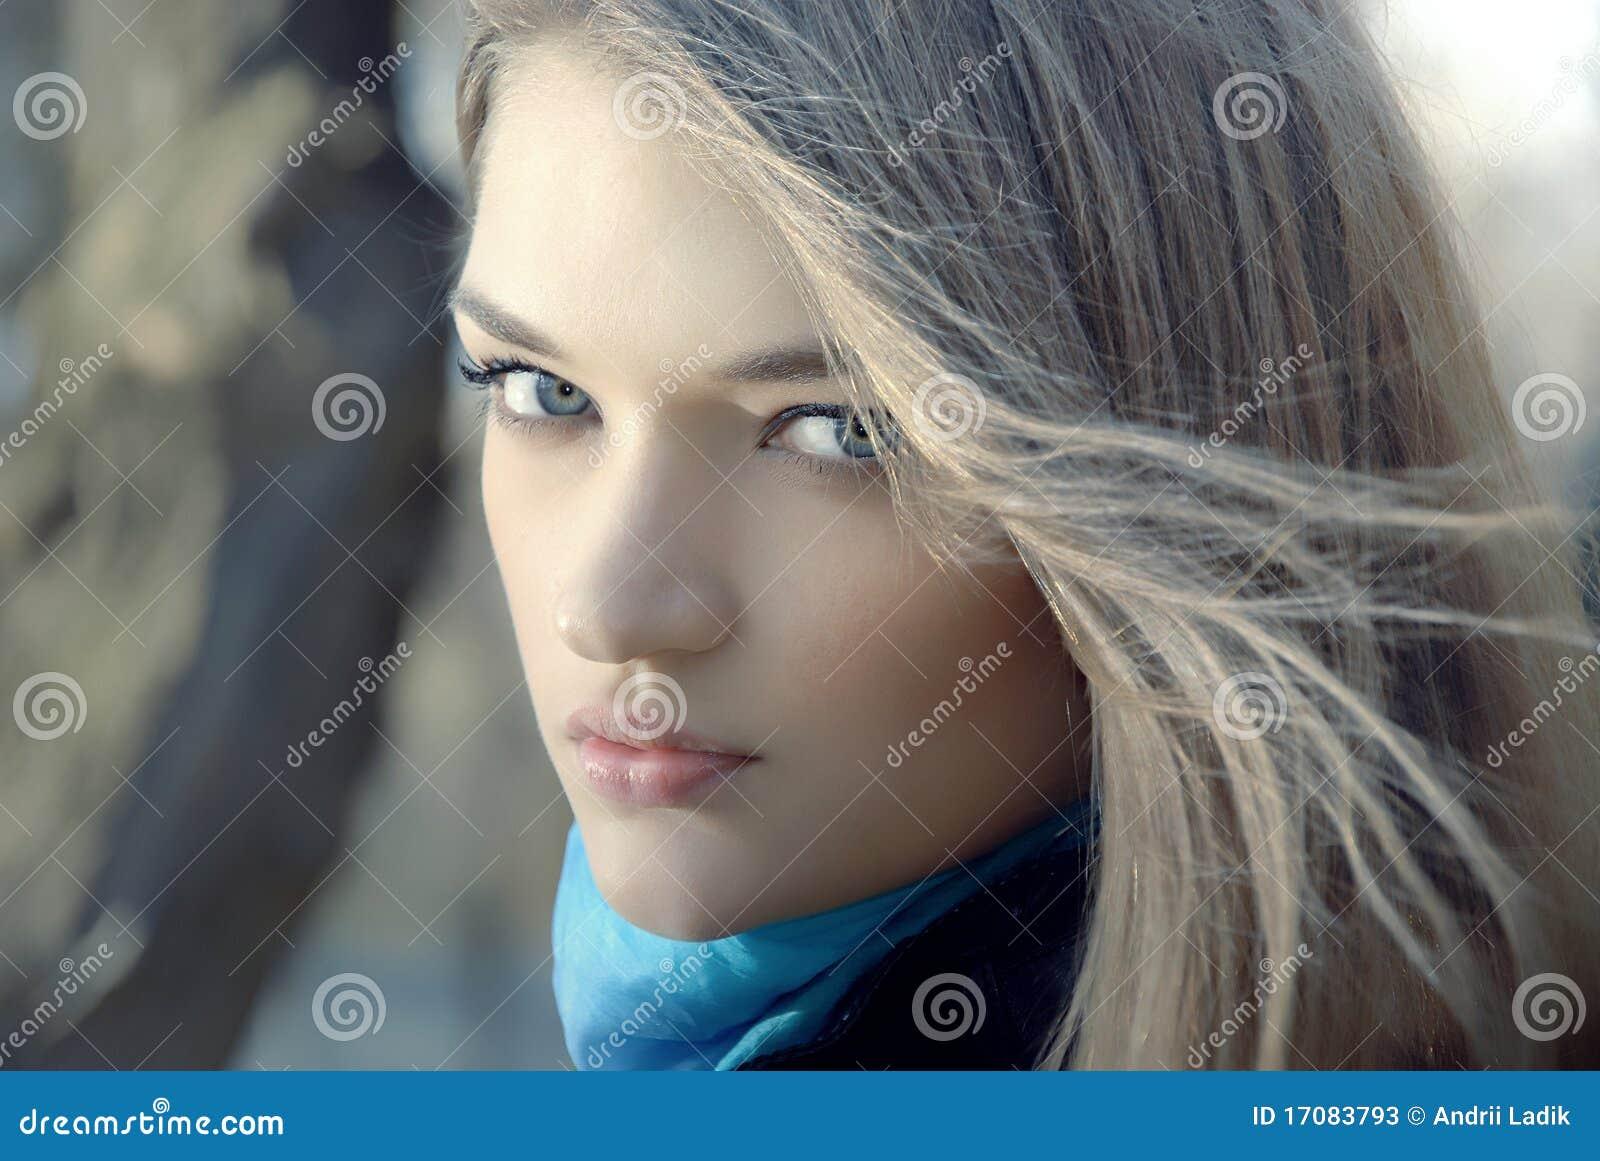 Portrait des Schönheitsmädchens